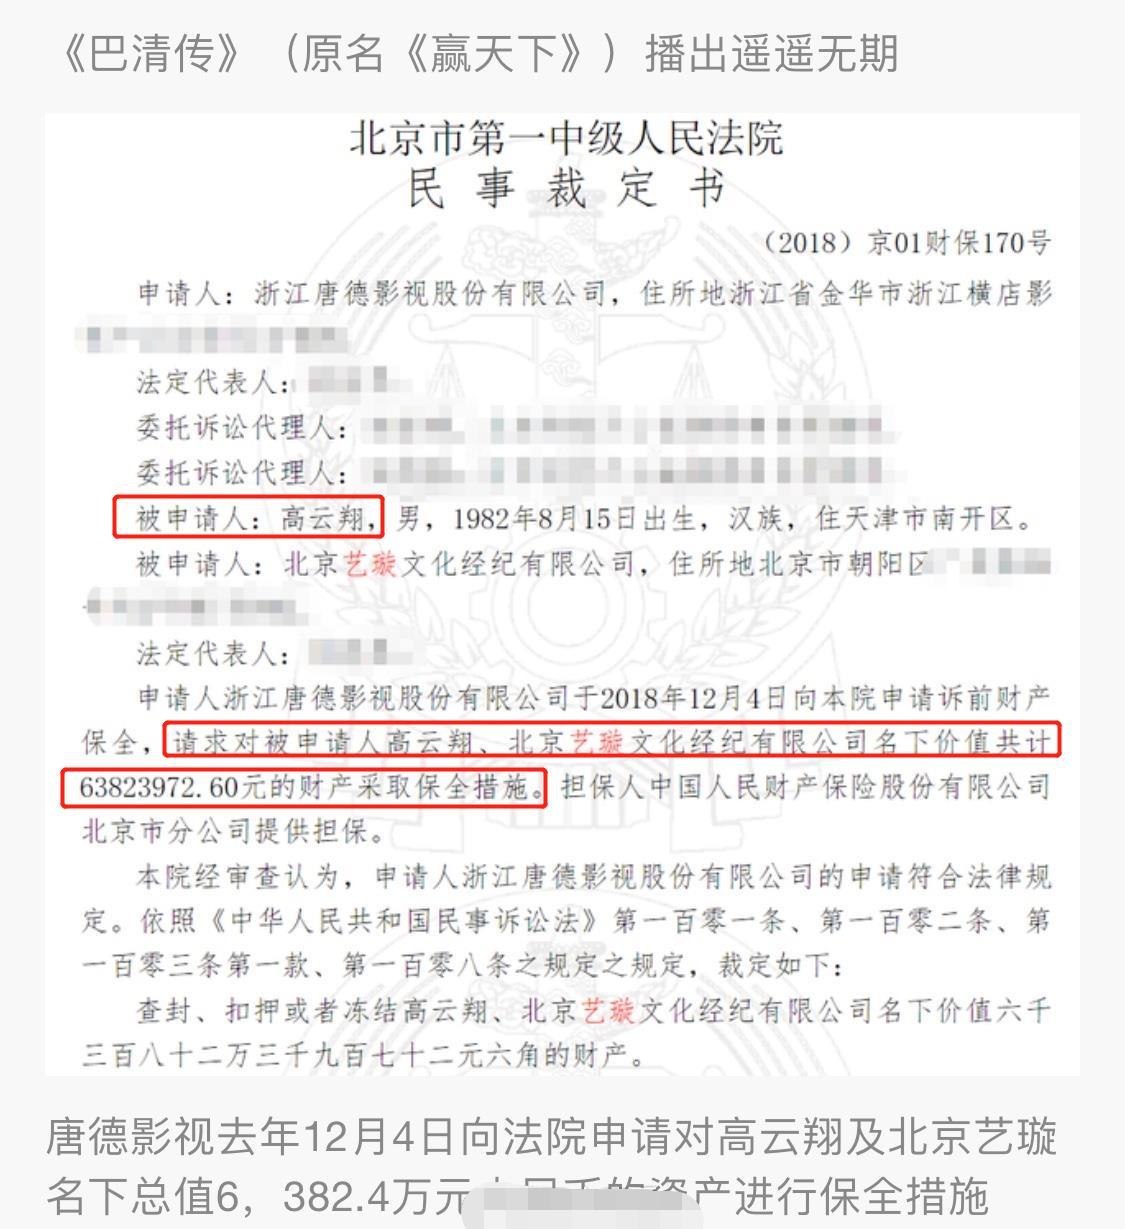 董璇亲子餐厅入驻国际影视交流中心,网友:不用再为诉讼费发愁了